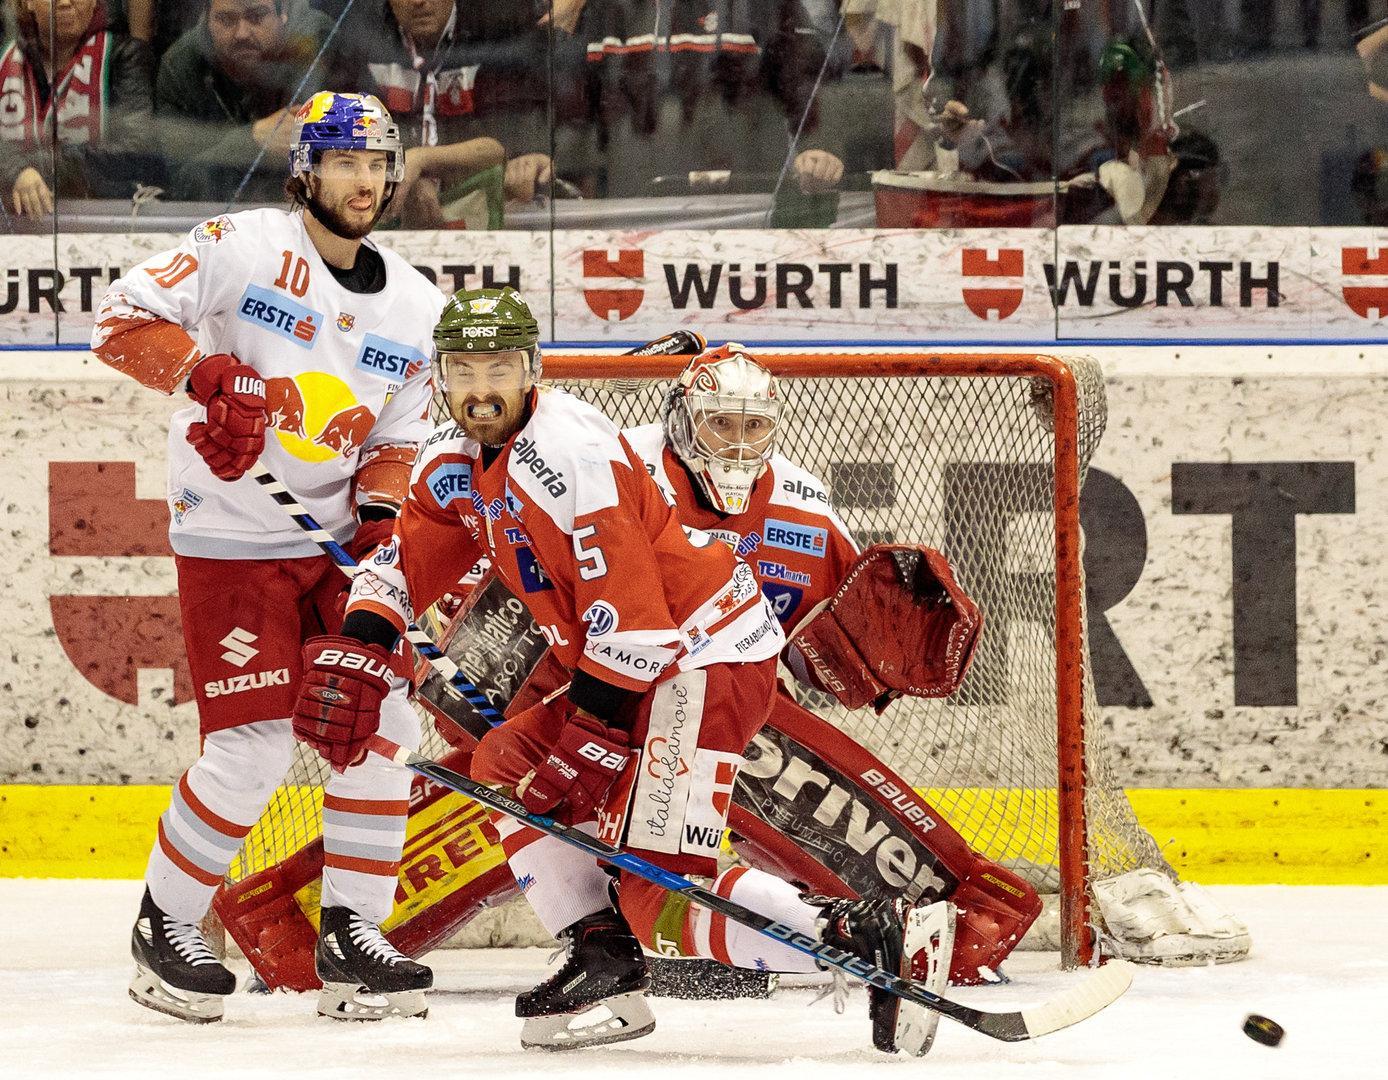 Titelentscheidung vertagt: Bozen schlägt Salzburg